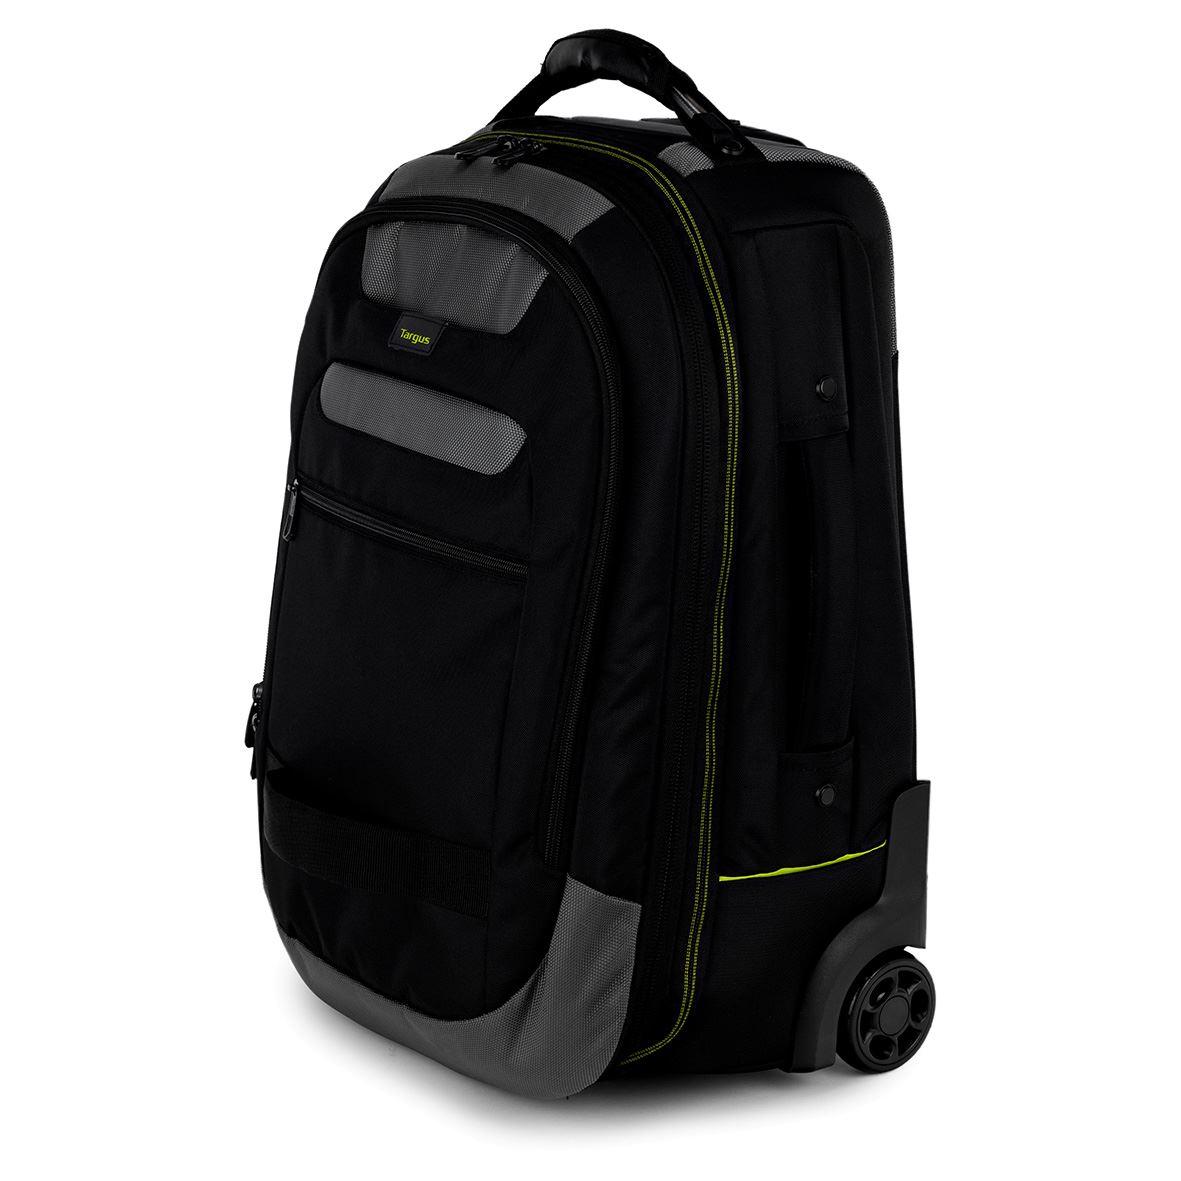 Roller Notebook Targus CityGear TCG715EU 15.6 inch Black